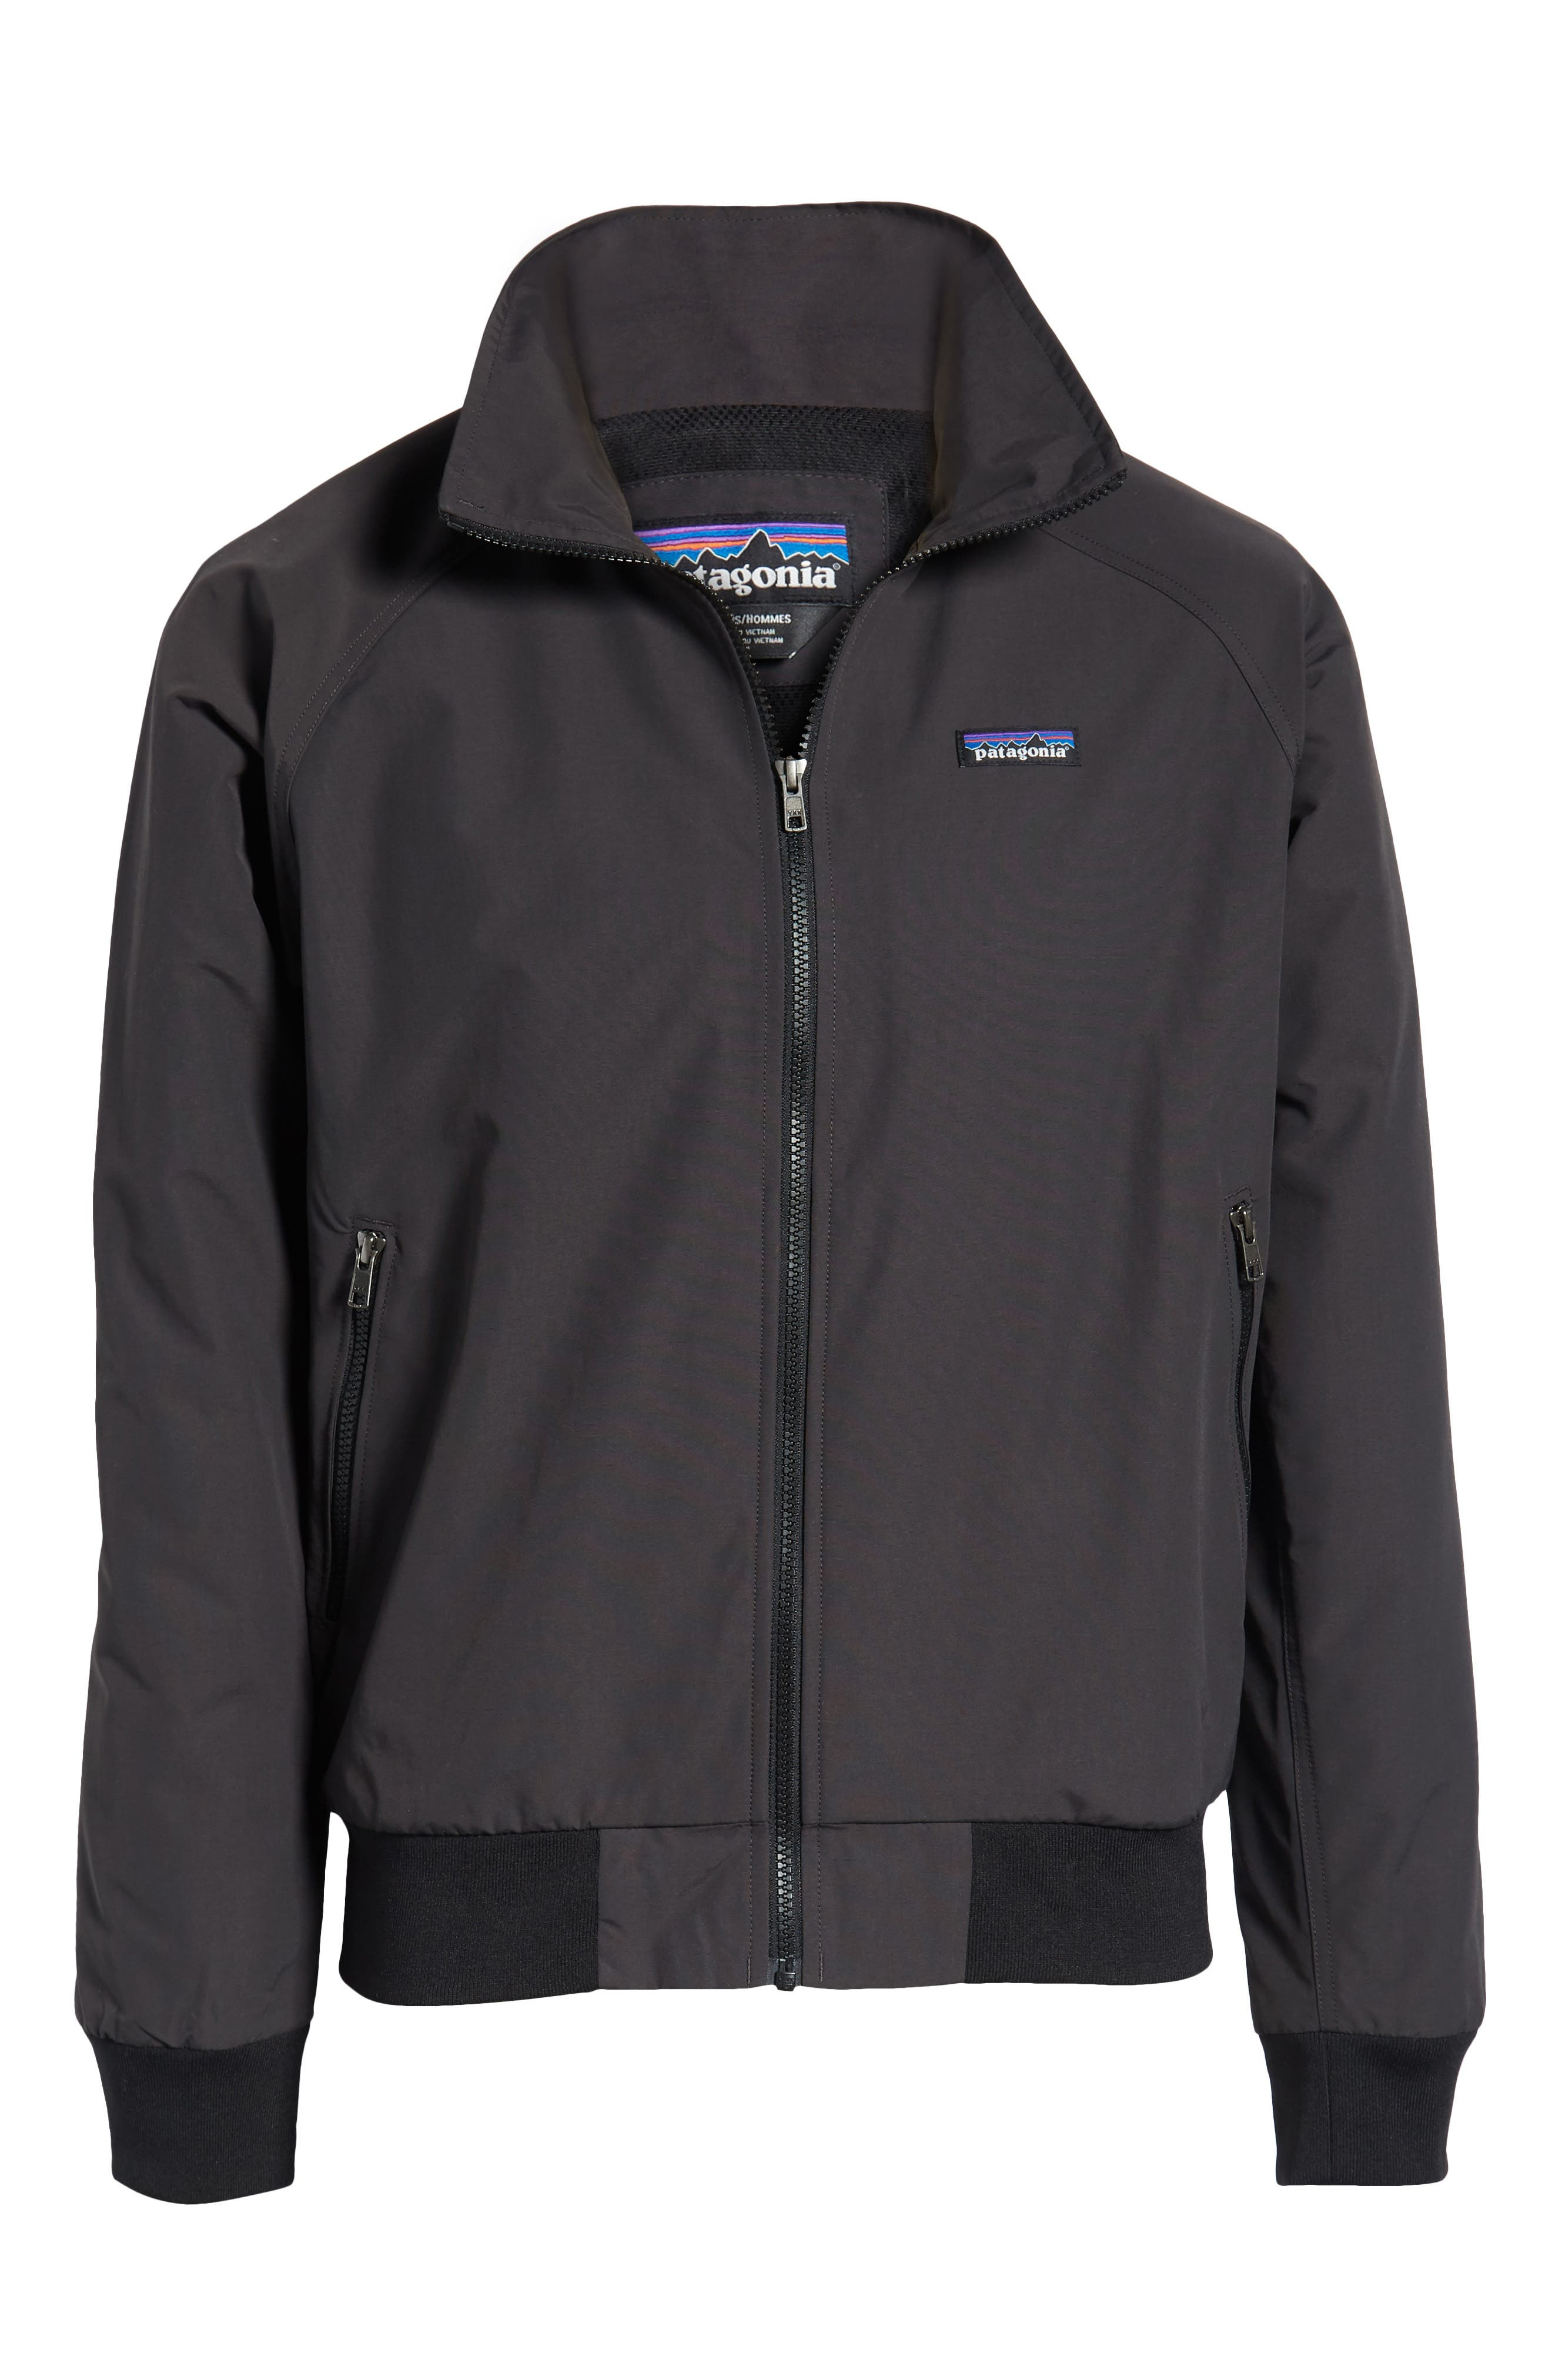 PATAGONIA, Baggies Wind & Water Resistant Jacket, Alternate thumbnail 6, color, INK BLACK